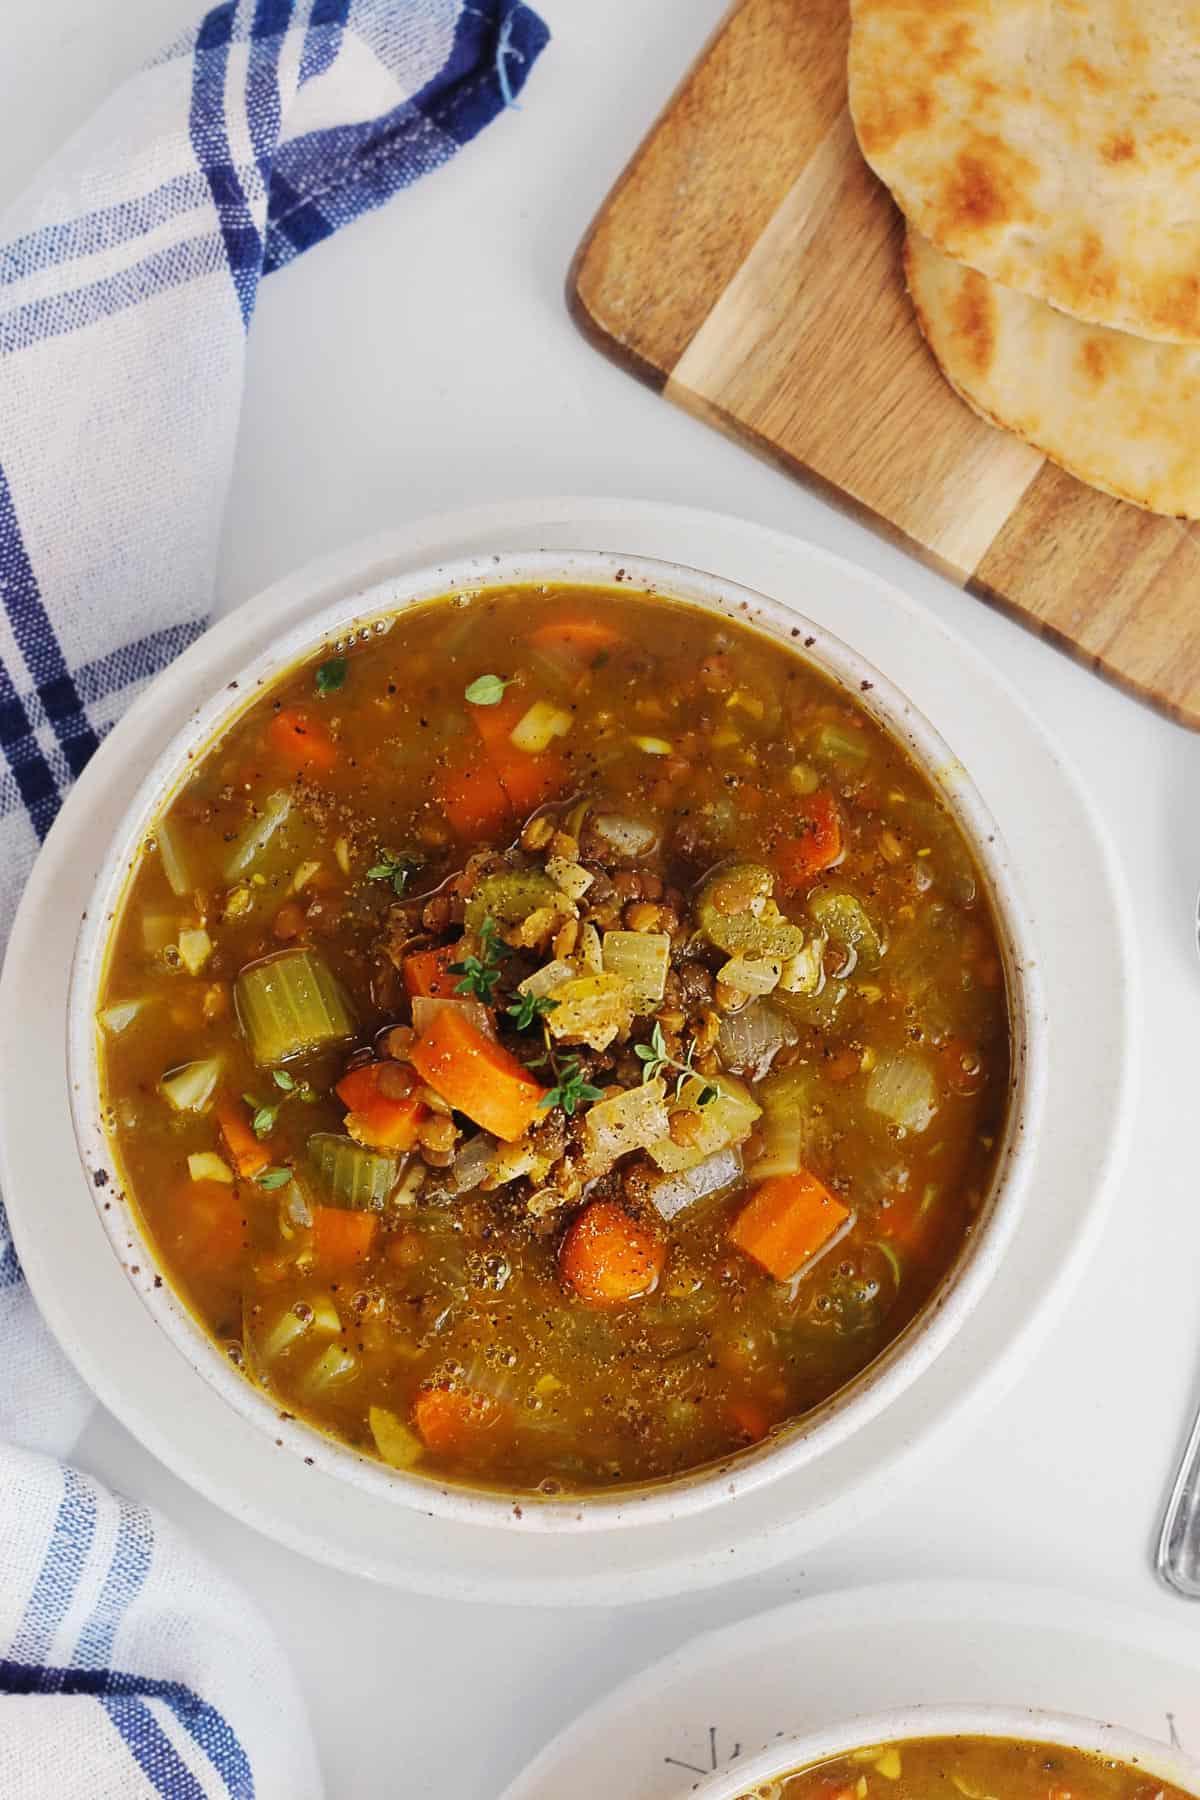 Pumpkin lentil soup with veggies